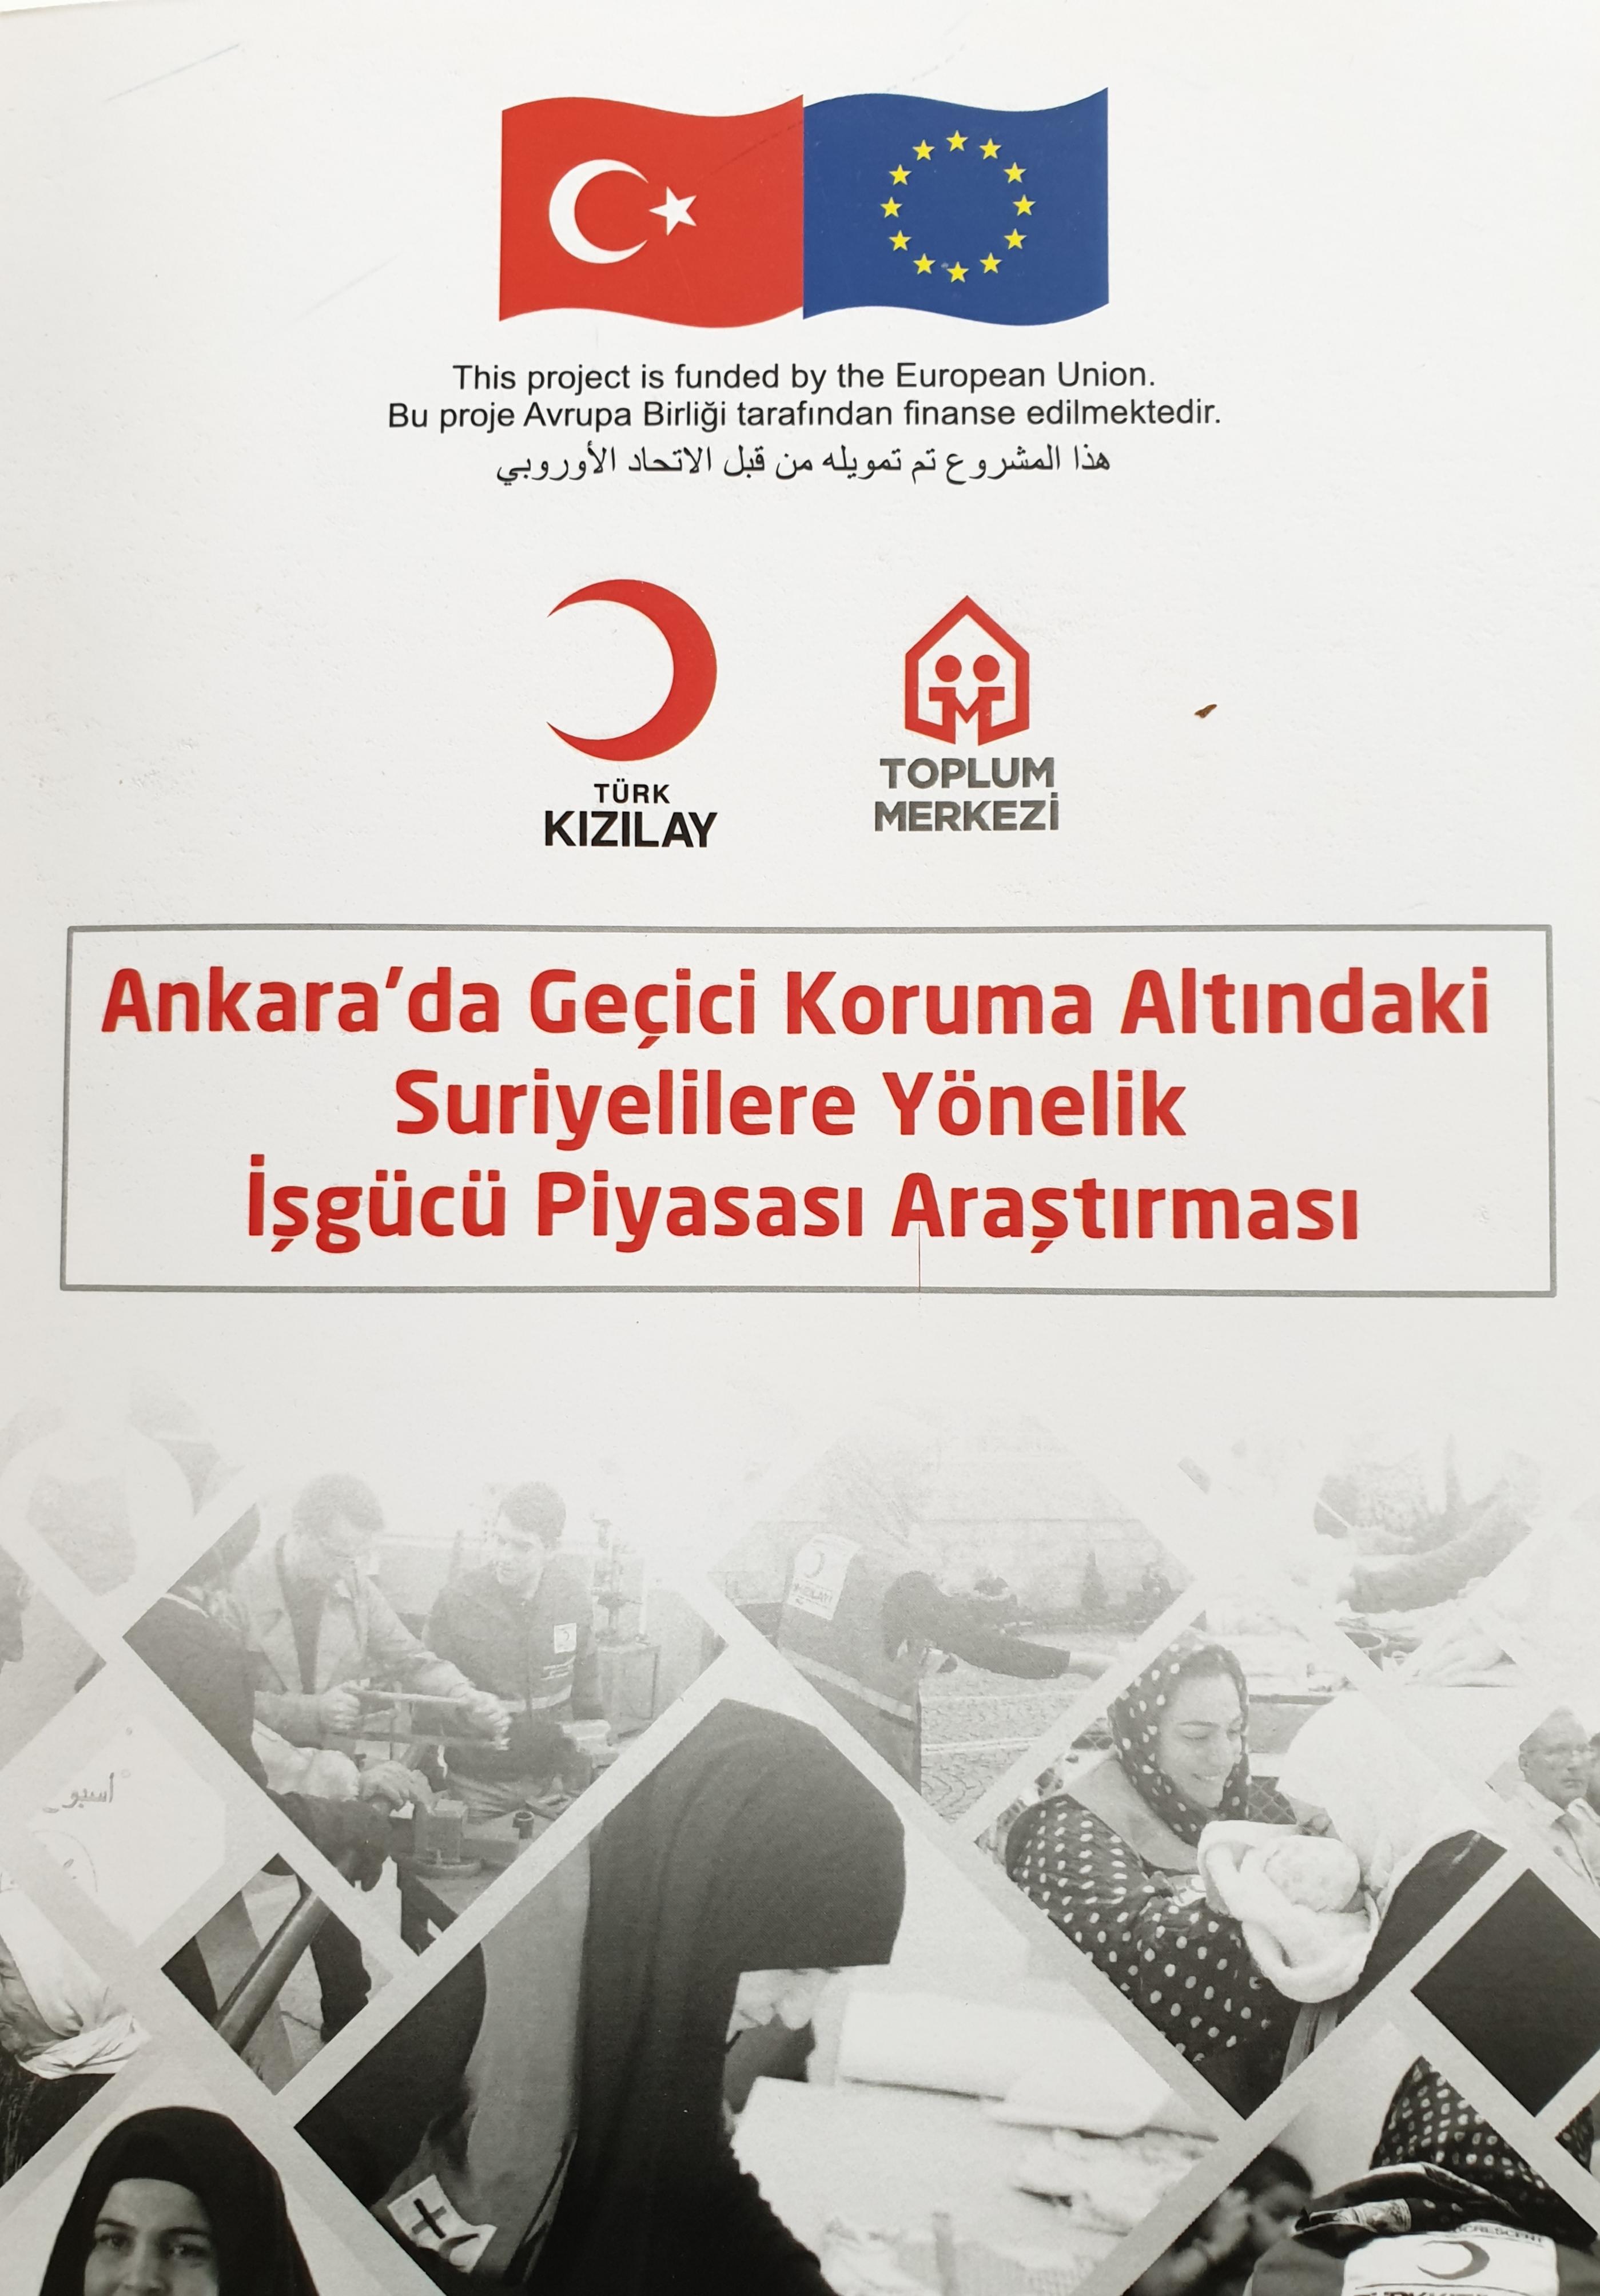 Ankara'da Geçici Koruma Altındaki Suriyelilere Yönelik İşgücü Piyasası Araştırması Yayınlandı